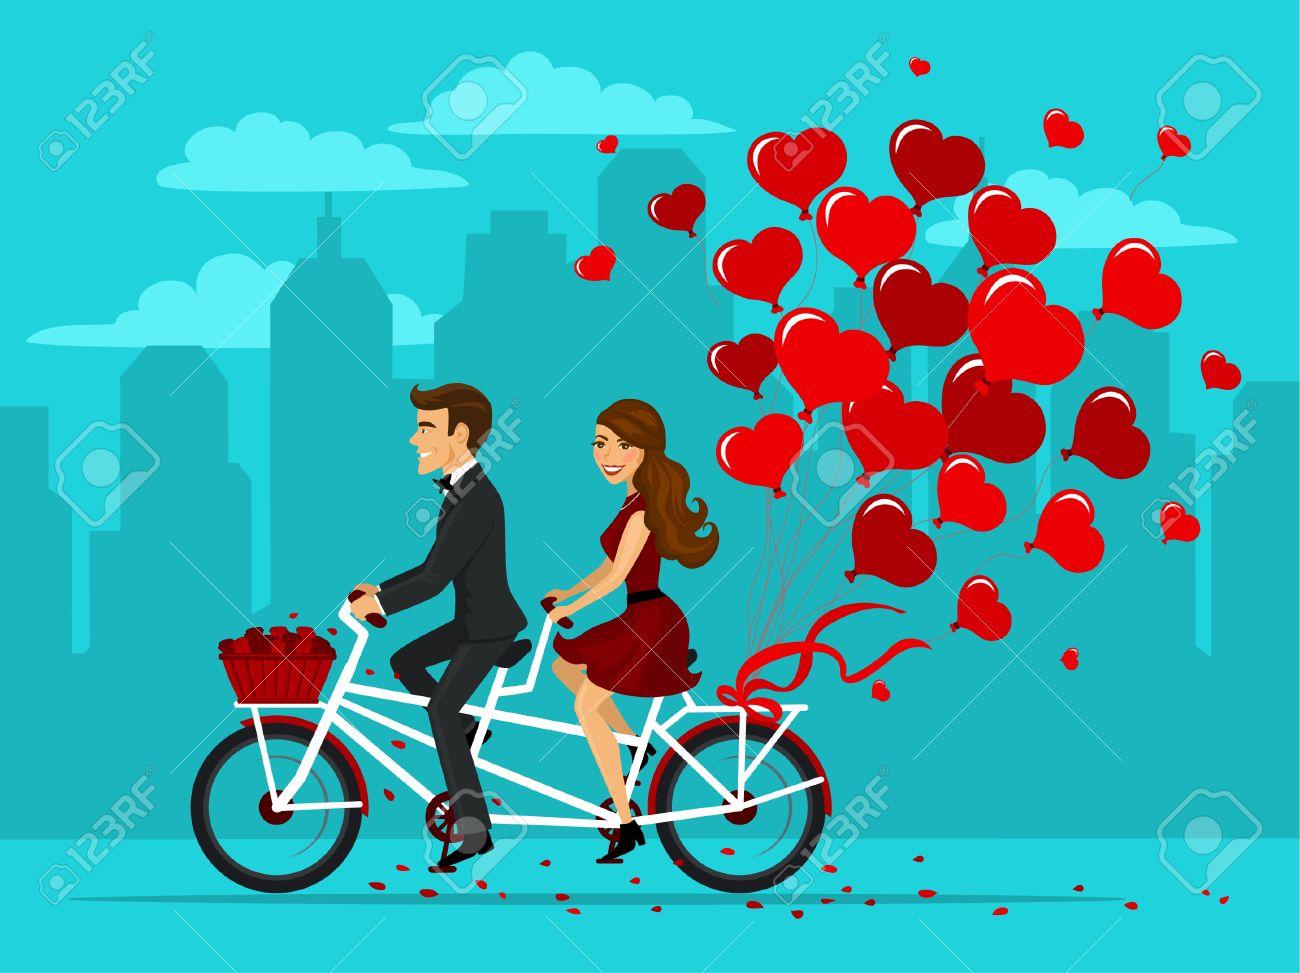 Homme Et Femme Amoureuse D Un Velo Tandem Avec Des Ballons Comme Des